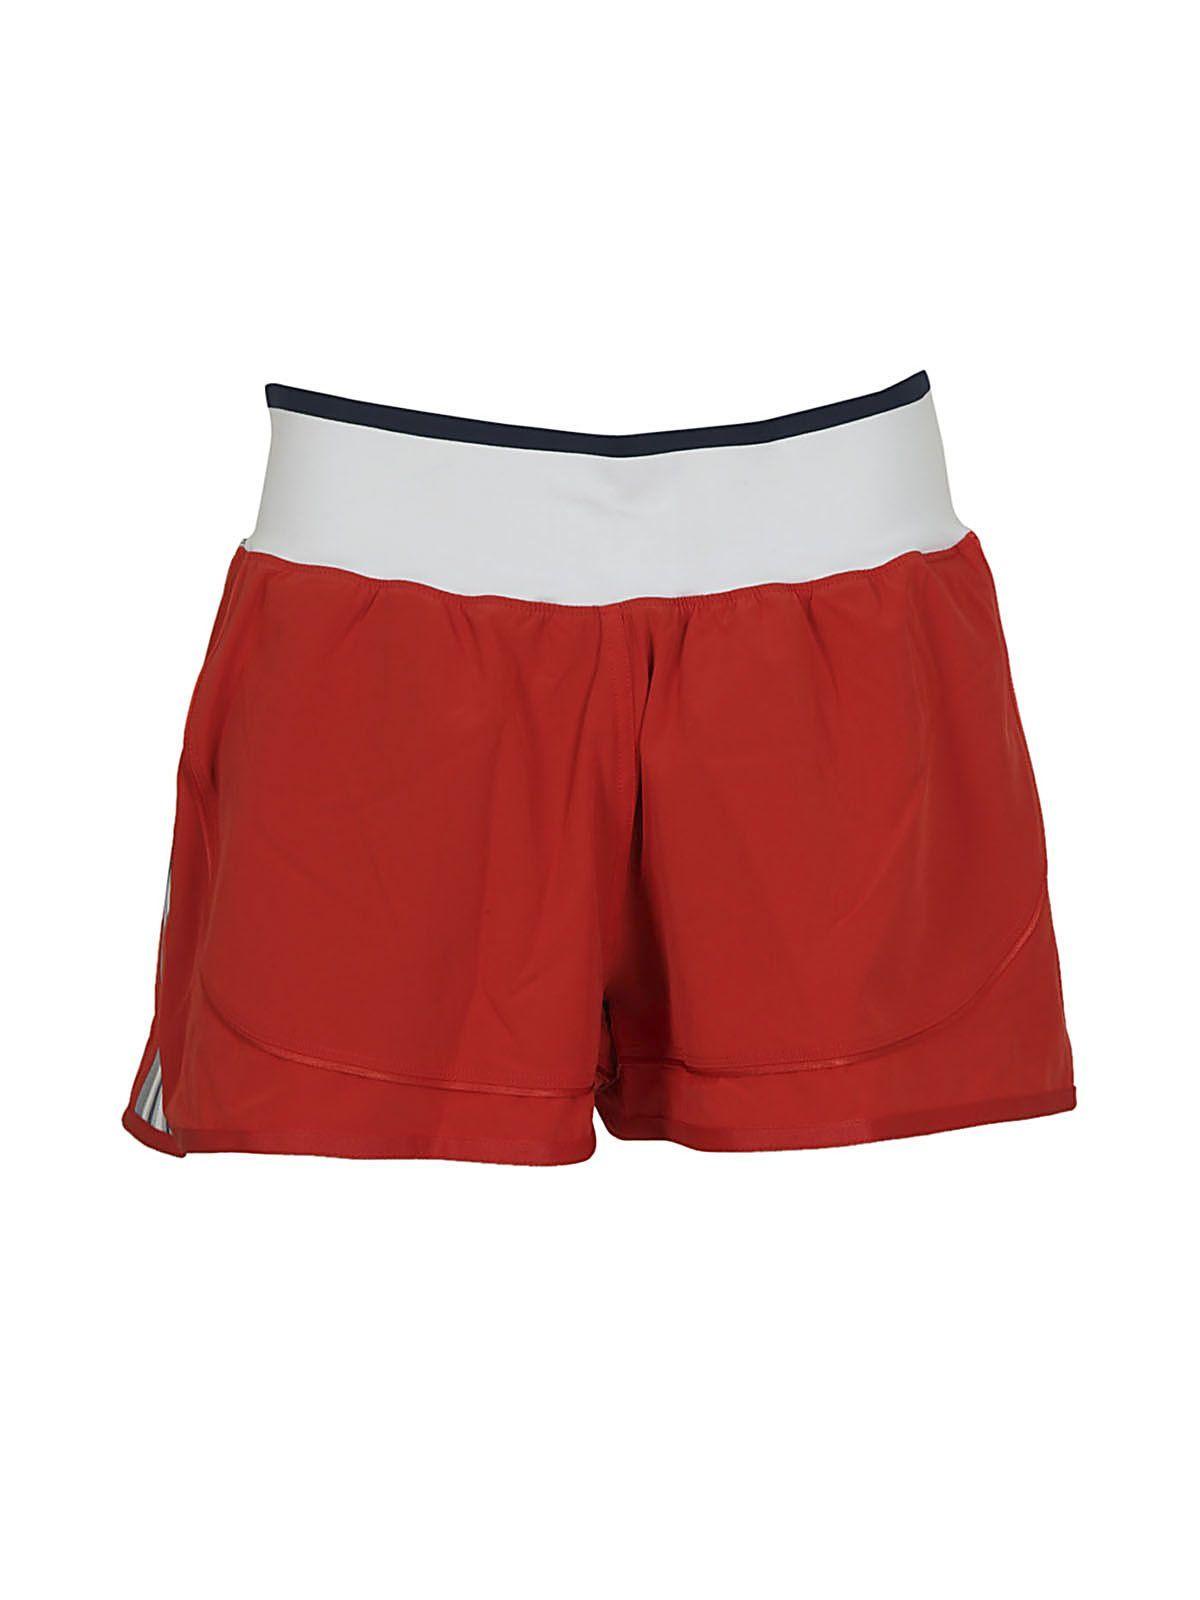 d1f8747b1dfa ADIDAS BY STELLA MCCARTNEY ADIDAS BY STELLA MCCARTNEY SIDE STRIPE  PERFORMANCE SHORTS. #adidasbystellamccartney #cloth #